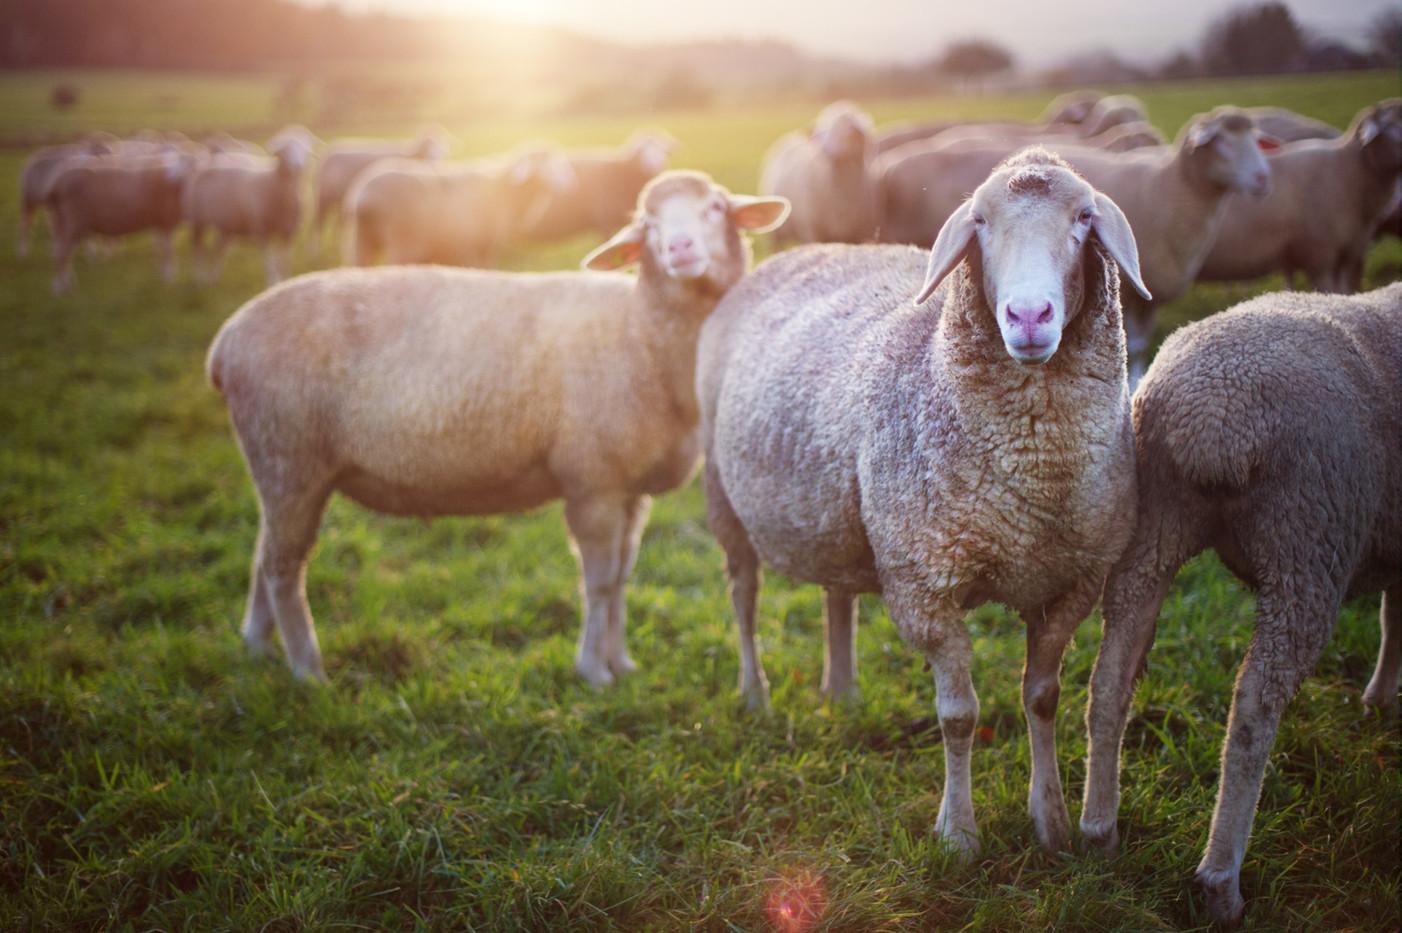 Azienda agricola pecore - Agriturismo